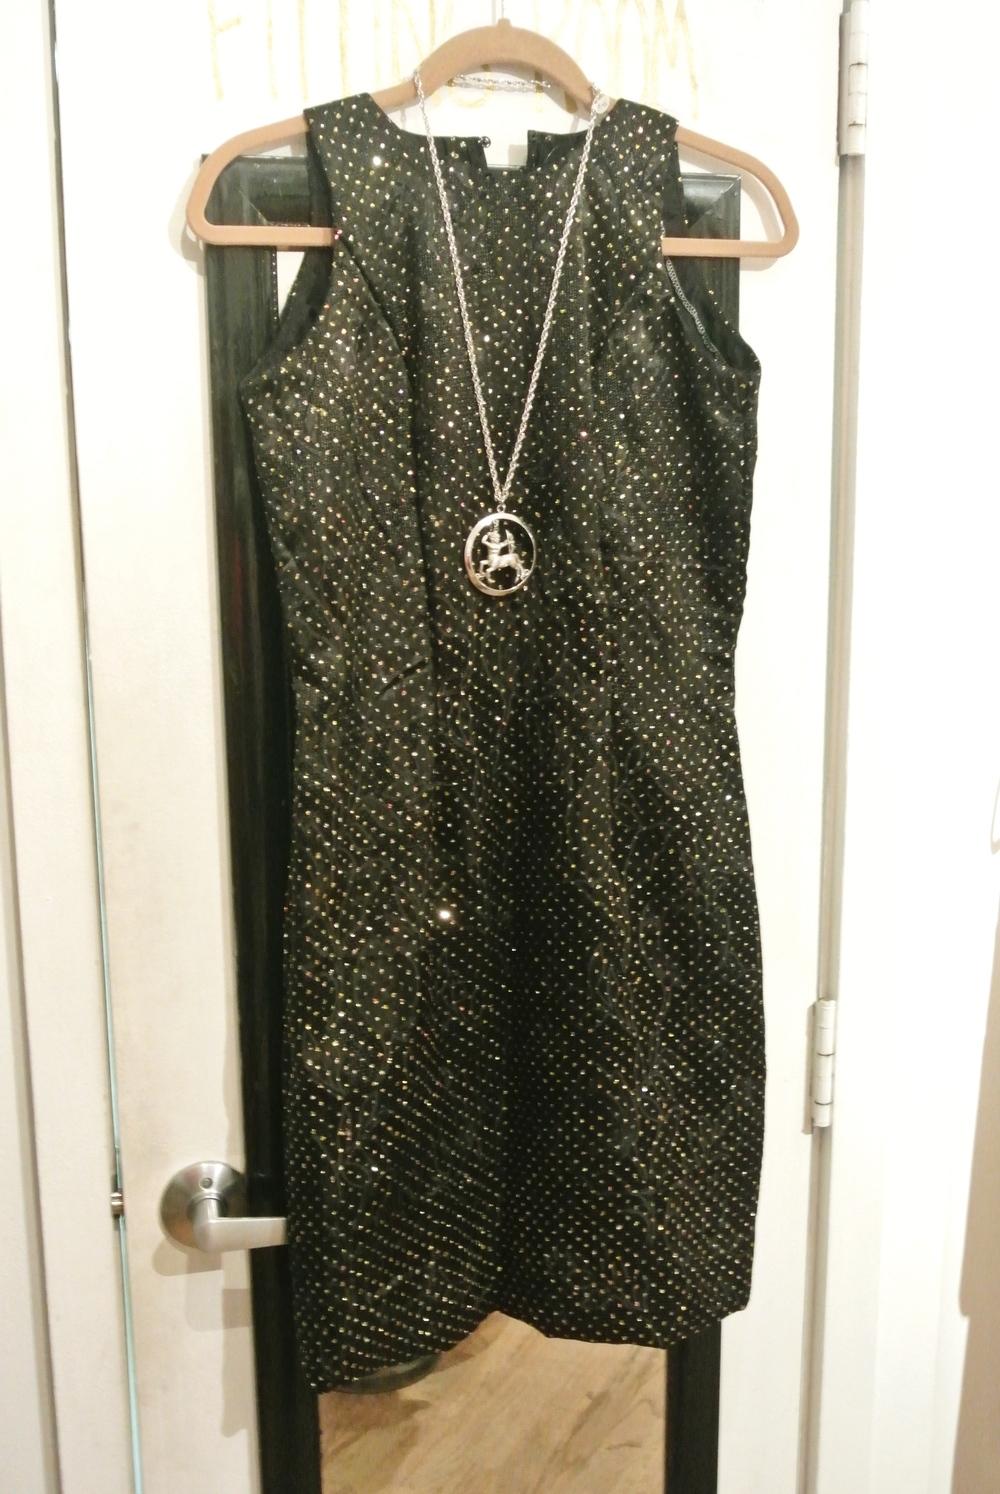 Velvet and glitter dress, $16